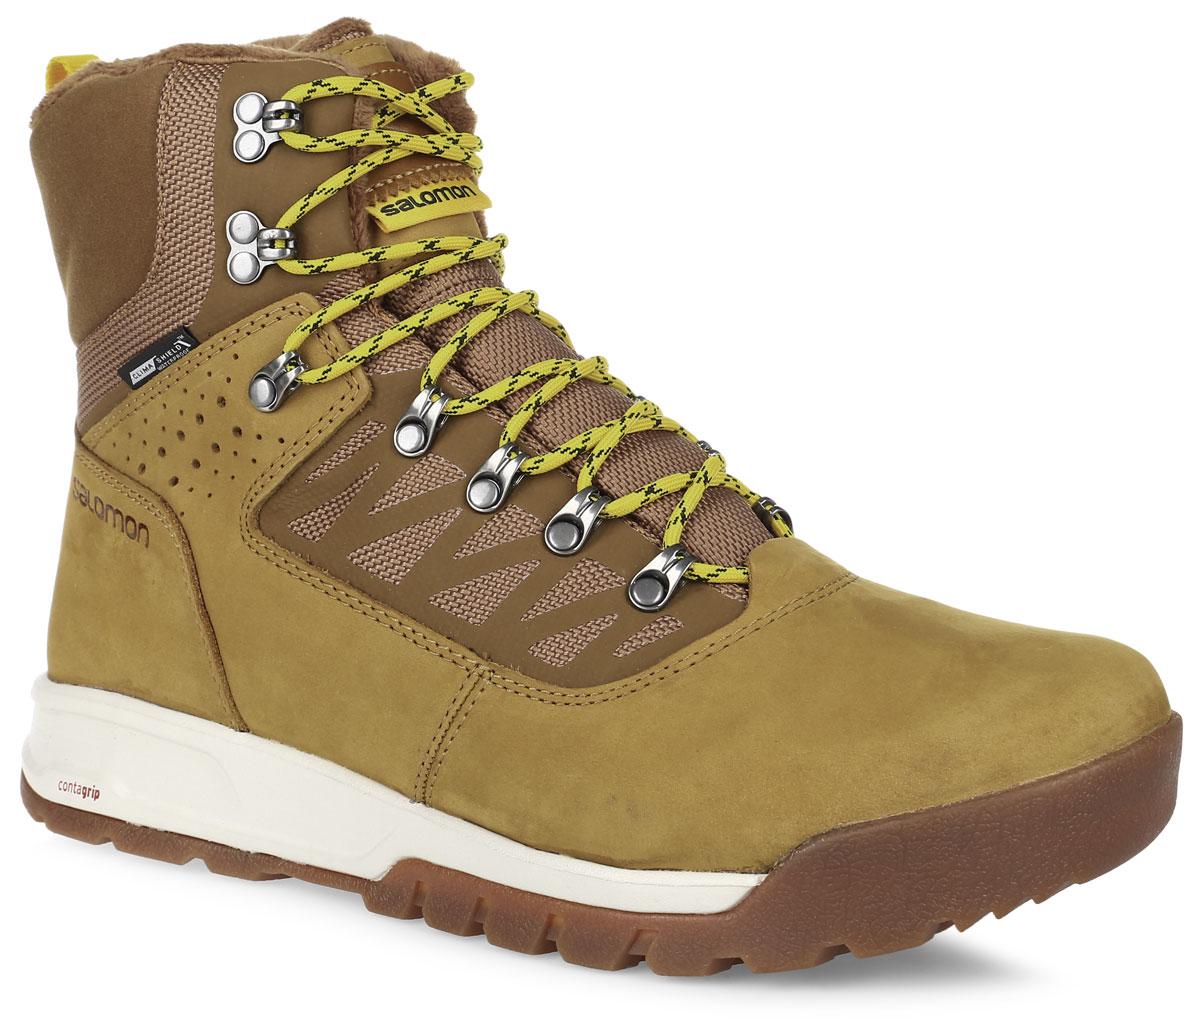 БотинкиL37263200Теплые мужские ботинки Salomon Utility PRO TS сочетают в себе городской стиль и зимнее качество. Верх выполнен из непромокаемой натуральной кожи и текстильного материала. Непромокаемая мембрана Climashield. Защита от грязи Mud guard. Шнуровка надежно и плотно фиксирует модель на ноге. Вшитый язычок защитит от попадания грязи и снега. Подкладка выполнена из влагозащитной мембраны, в верхней части ботинок и язычка - искусственный мех. Утеплитель Thinsulate Ultra сохранит ваши ноги в тепле. Стелька выполнена из пластика EVA, благодаря чему создается амортизация шага. Не оставляющая следов подошва Winter Contagrip с агрессивным протектором и резиновыми шипами обеспечивает оптимальное сцепление на разных поверхностях и состоит из идеального сочетания специальных резин Ice Grip. В таких ботинках вашим ногам будет комфортно и уютно.